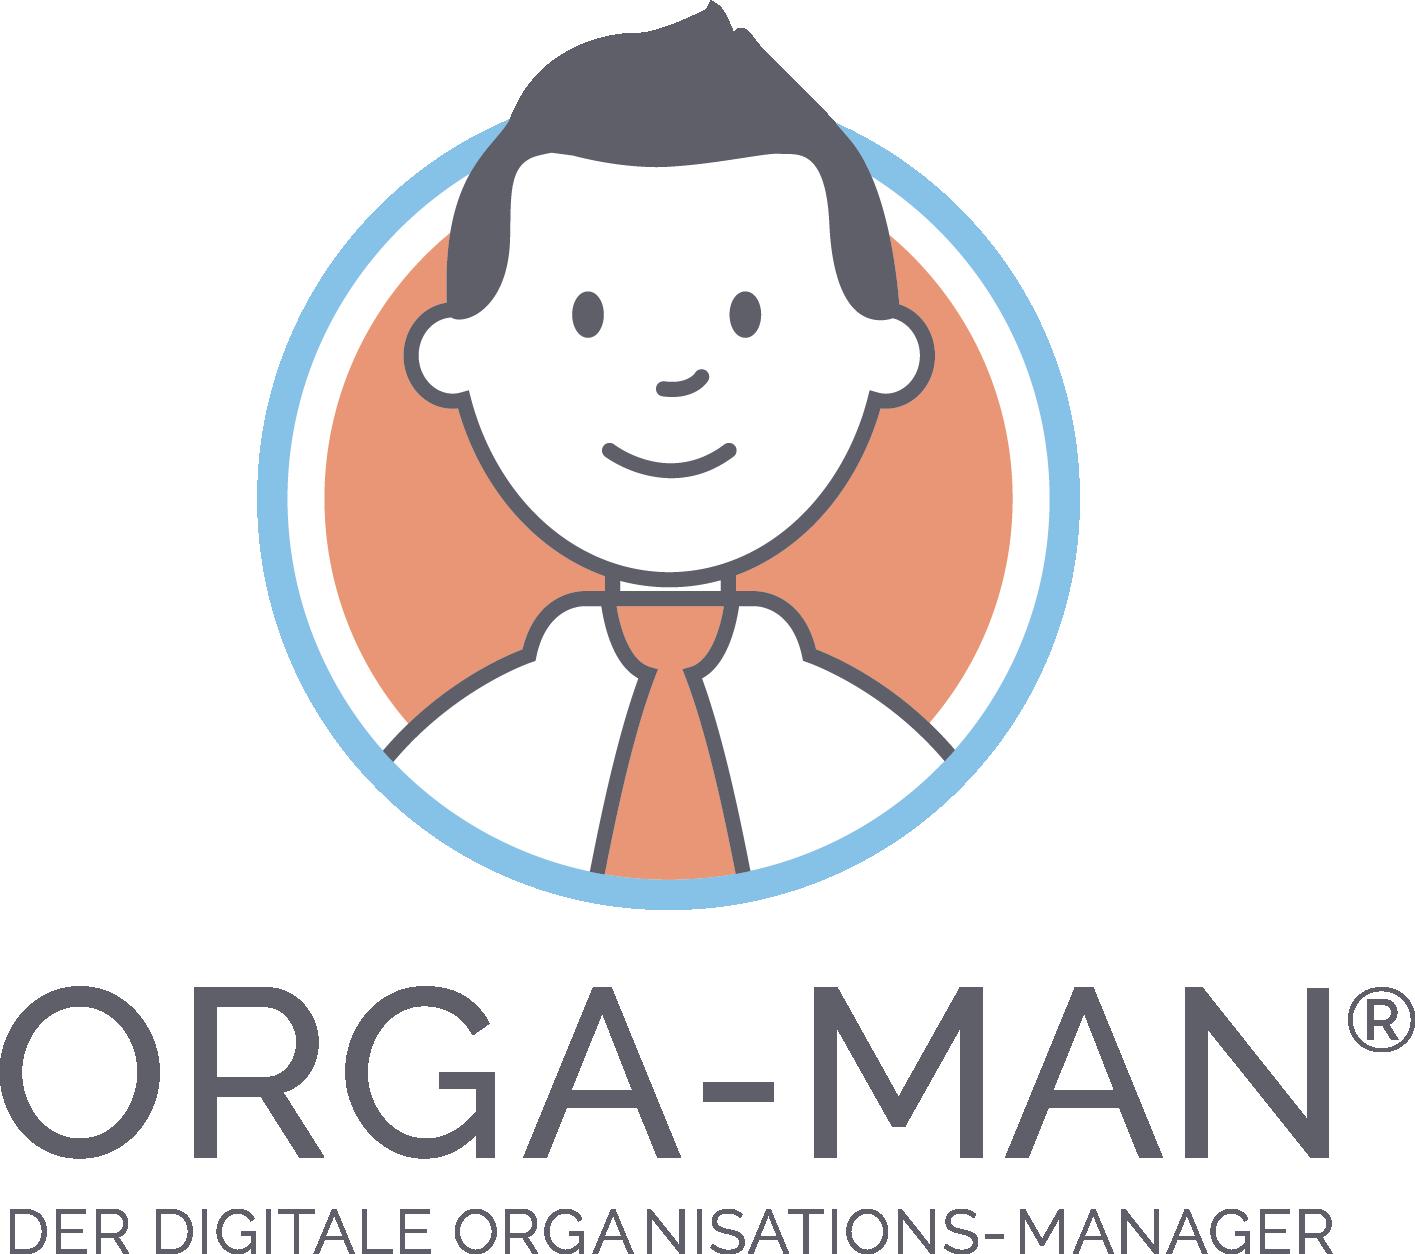 Orga Man